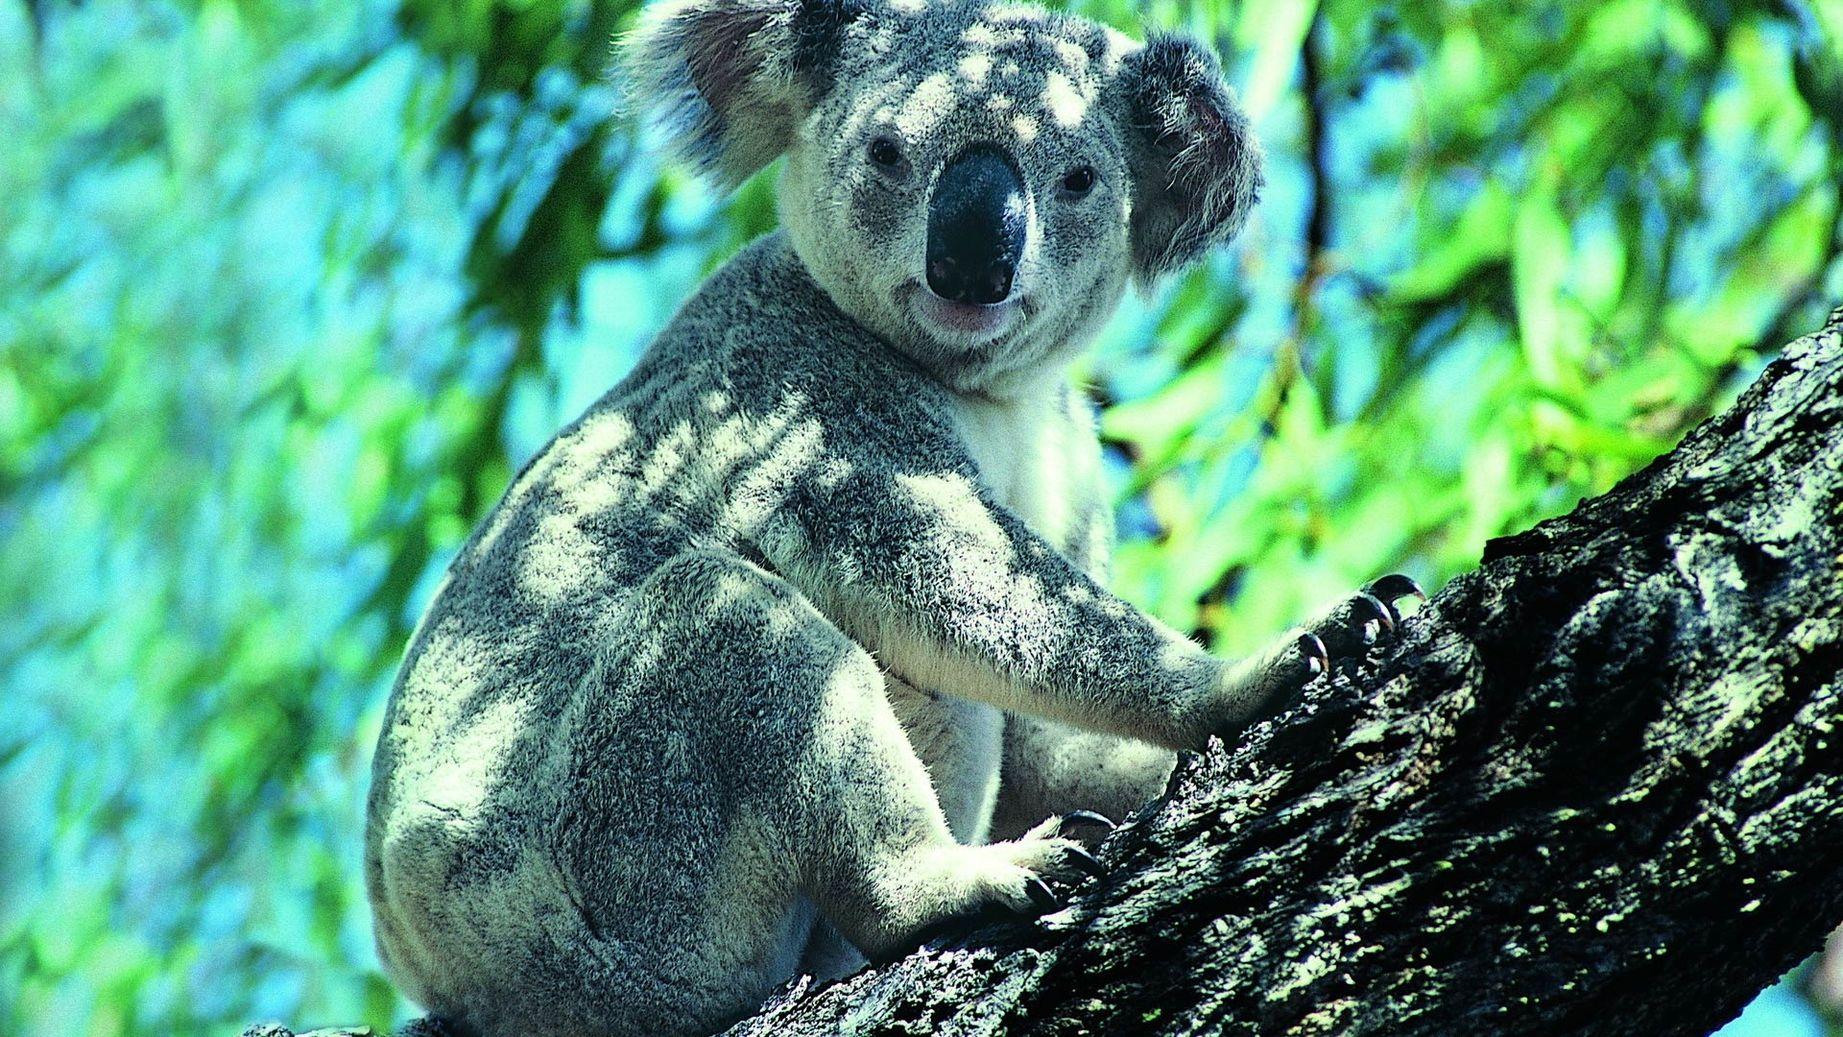 коала животное картинки предлагаем вспомнить отечественных